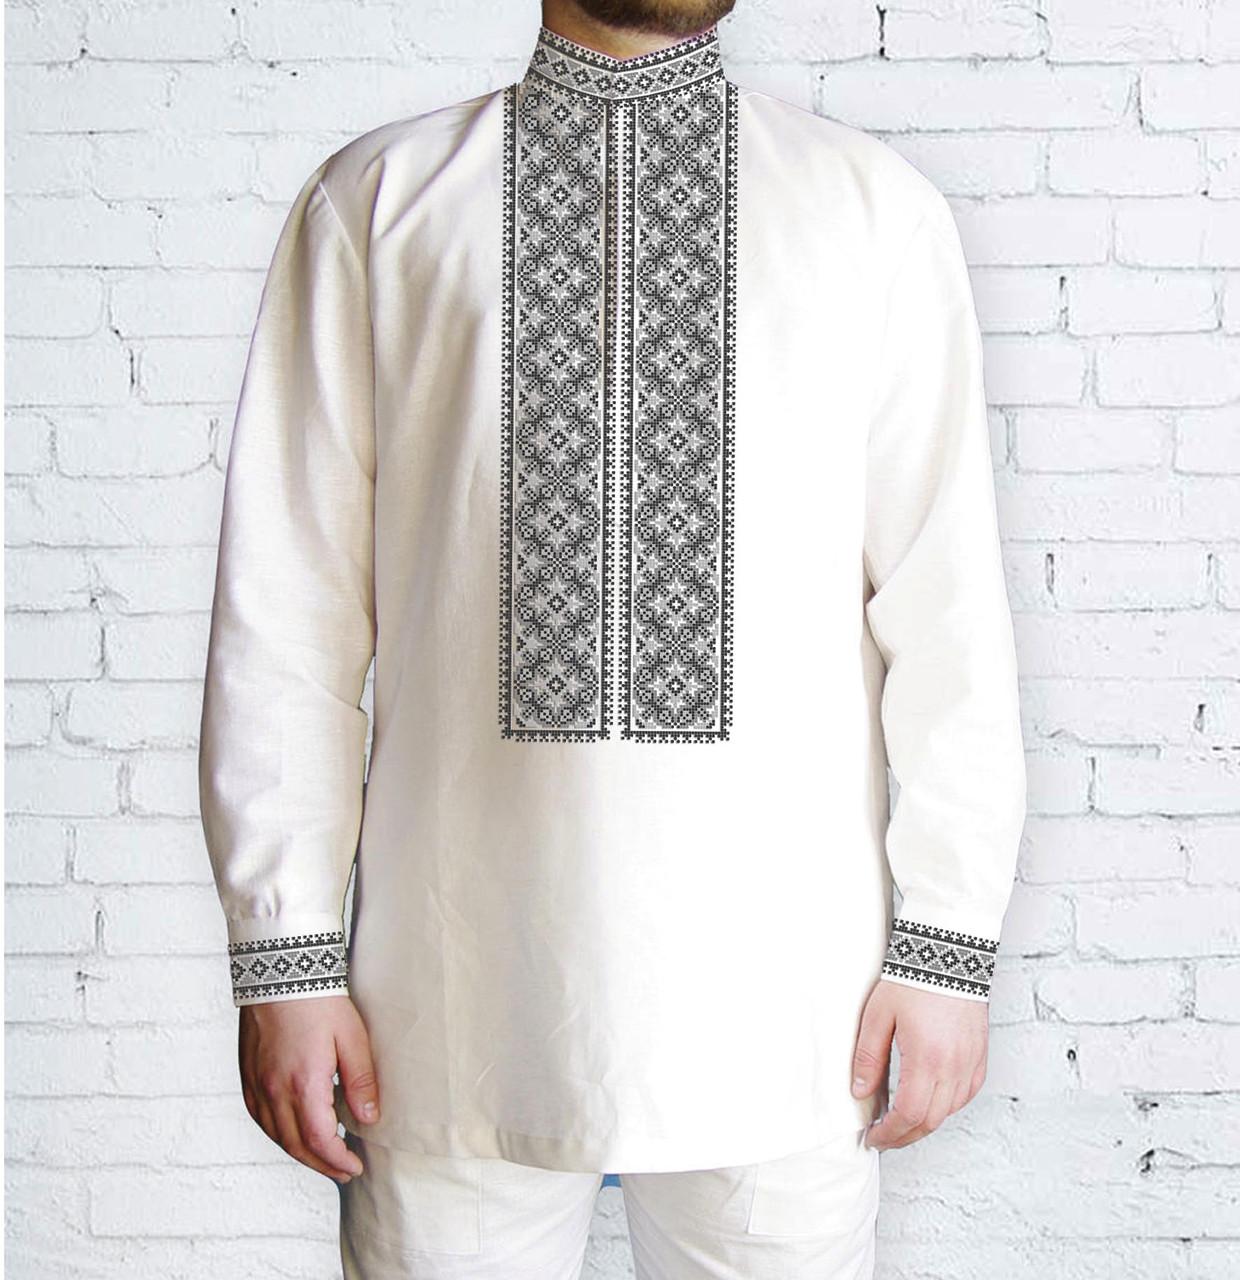 Заготовка чоловічої сорочки та вишиванки для вишивки чи вишивання бісером Бисерок «Орнамент 524 С» (Ч-524 С )